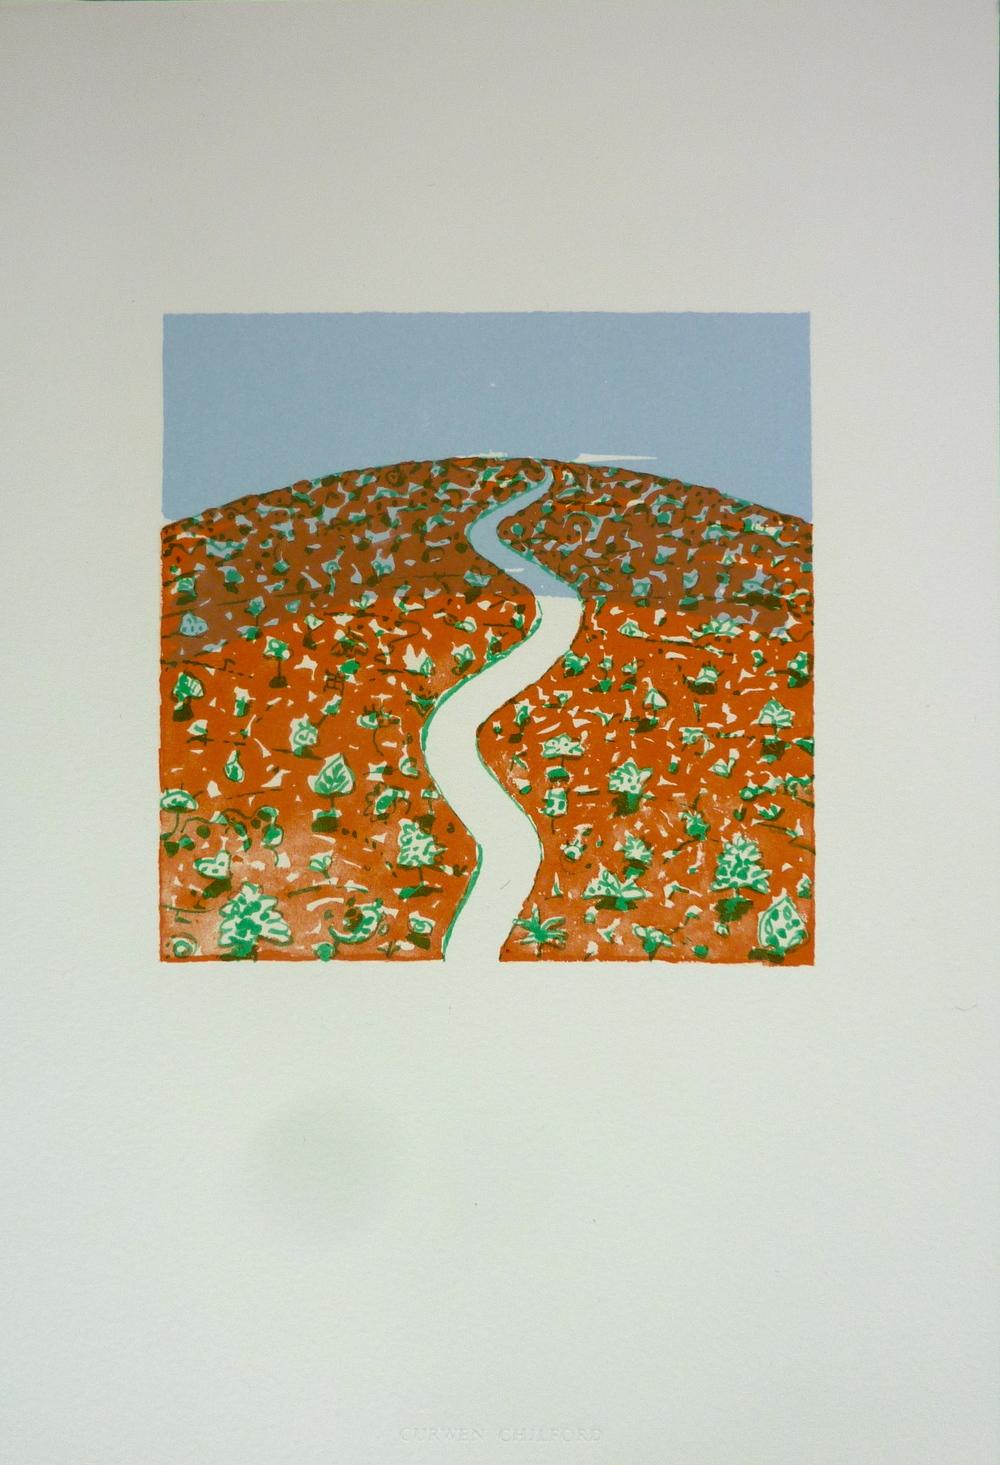 Autumn 2005 (image size 13x13cm)